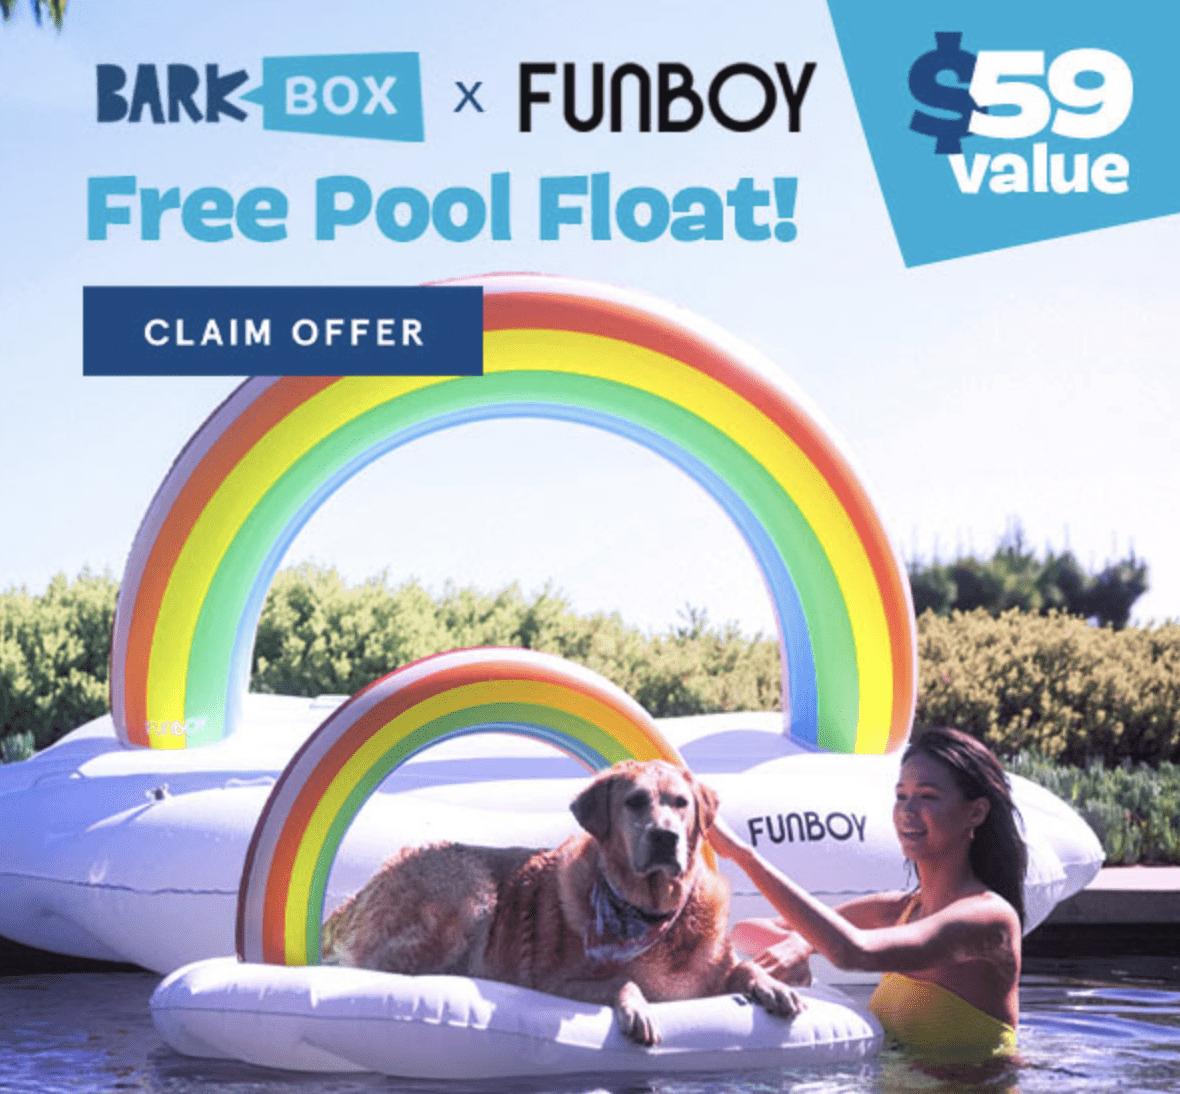 BarkBox Free Pool Float